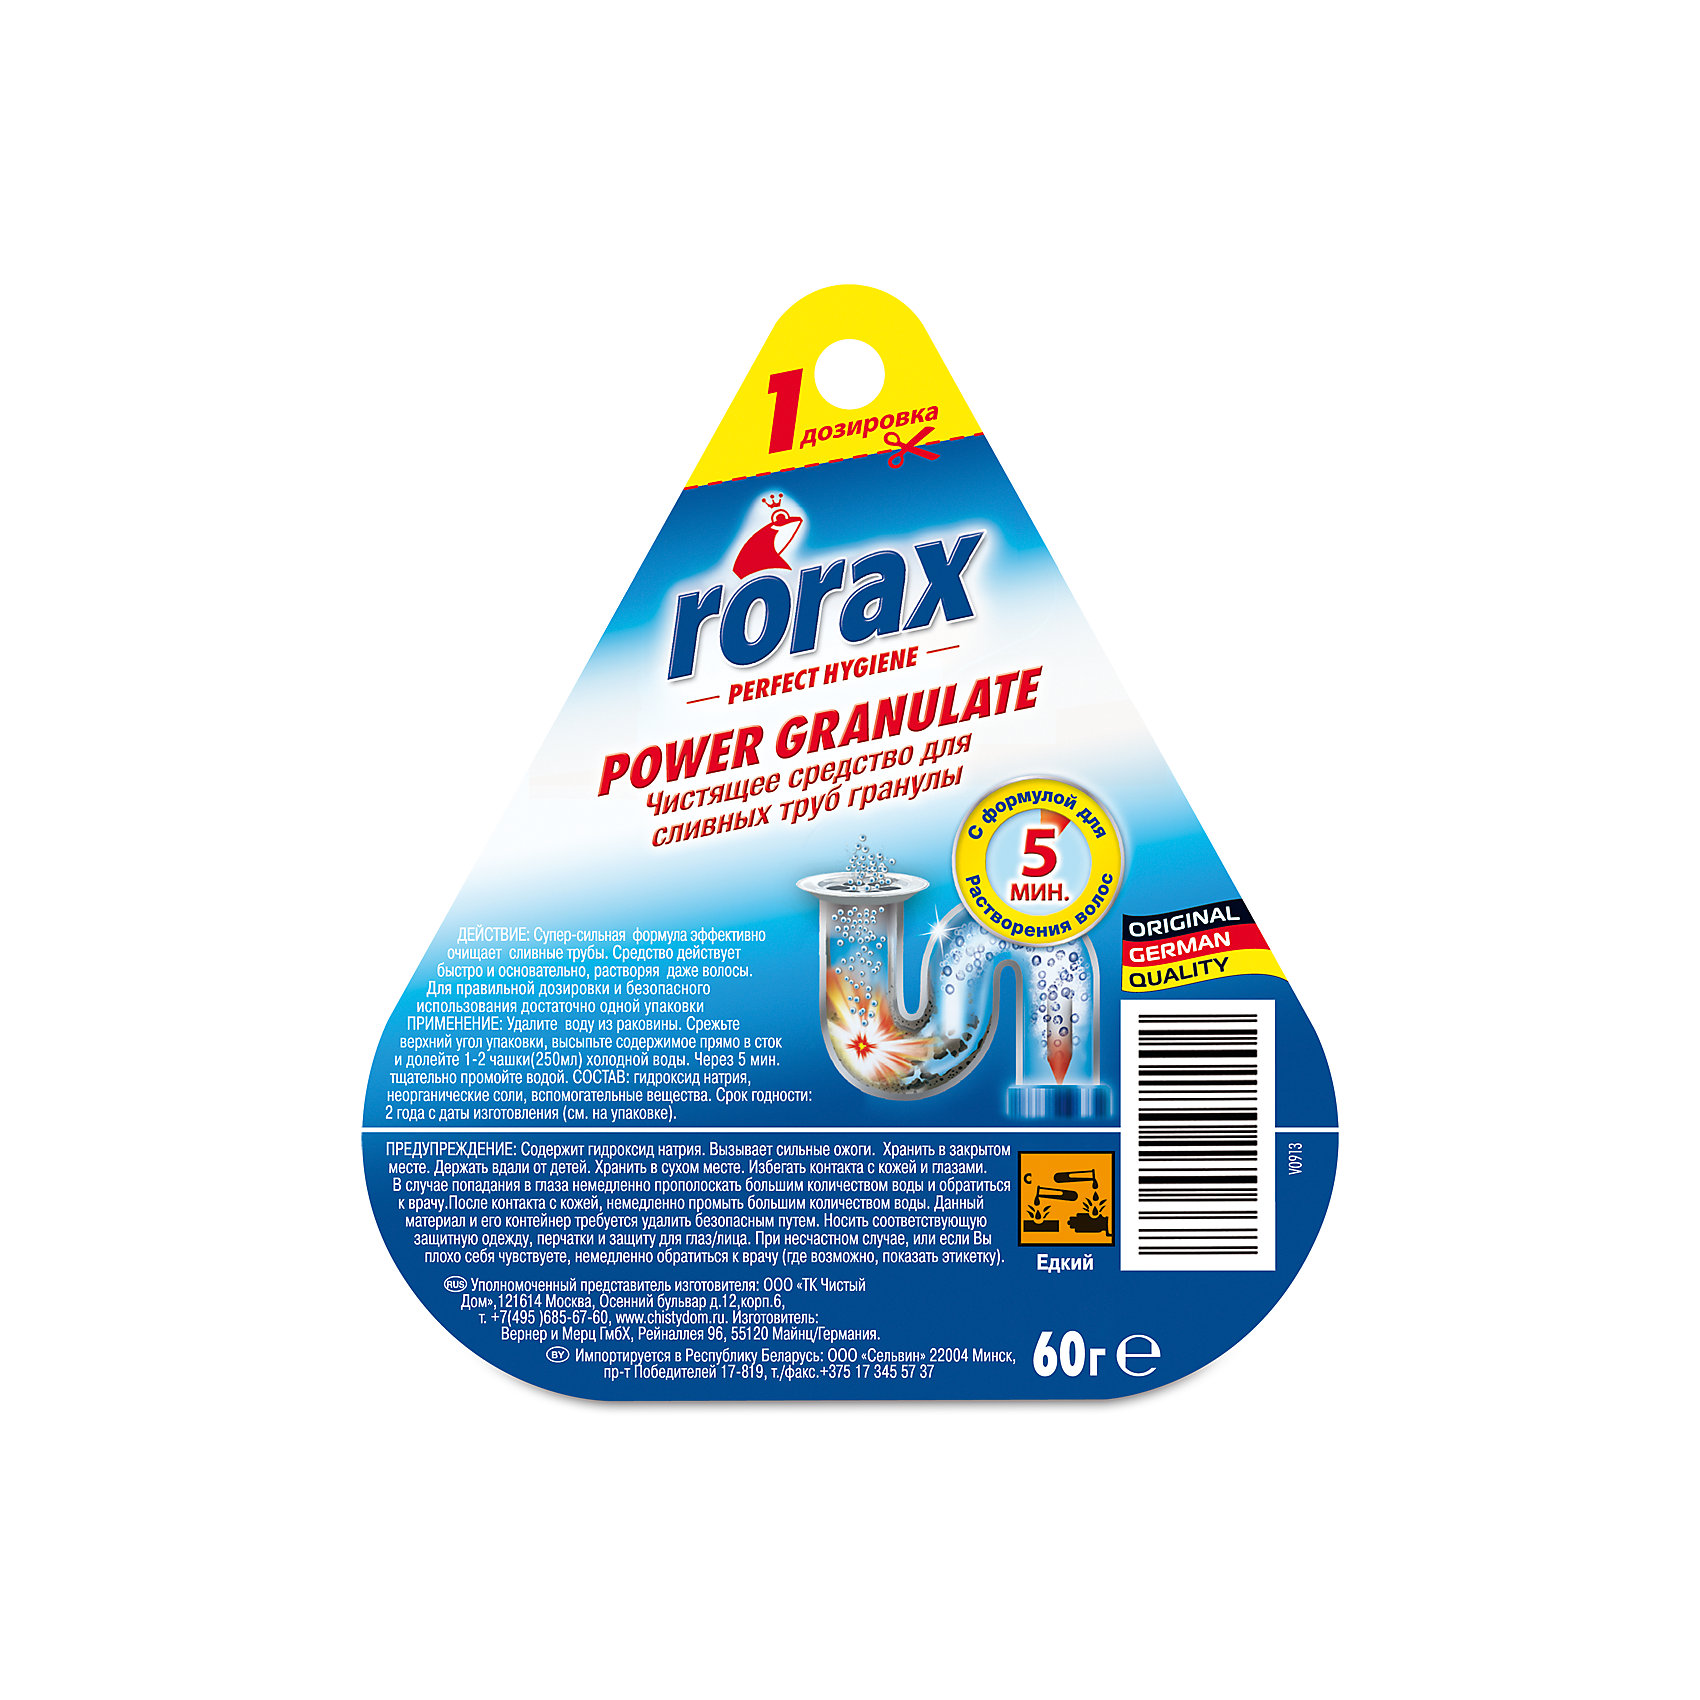 Чистящее средство для сливных труб (гранулы), 60 гр, RORAXБытовая химия<br>Характеристики товара:<br><br>• вес: 60 гр<br>• упаковка: коробка<br>• страна бренда: Германия<br>• страна изготовитель: Германия<br><br>Засорение труб – частая проблема, возникающая в домах. Чтобы этого не произошло, необходимо ухаживать за сливным отверстием. Отличный способ – прочищать трубы с помощью чистящего средства. <br><br>Гранулы засыпаются в отверстие, растворяют ржавчину, налет и другие внутренние загрязнения, открывая свободный ход для сливных вод. Материалы, использованные при изготовлении товара, сертифицированы и отвечают всем международным требованиям по качеству. <br><br>Чистящее средство для сливных труб (гранулы), 60 гр, от производителя RORAX можно приобрести в нашем интернет-магазине.<br><br>Ширина мм: 108<br>Глубина мм: 15<br>Высота мм: 123<br>Вес г: 83<br>Возраст от месяцев: 216<br>Возраст до месяцев: 1188<br>Пол: Унисекс<br>Возраст: Детский<br>SKU: 5185724